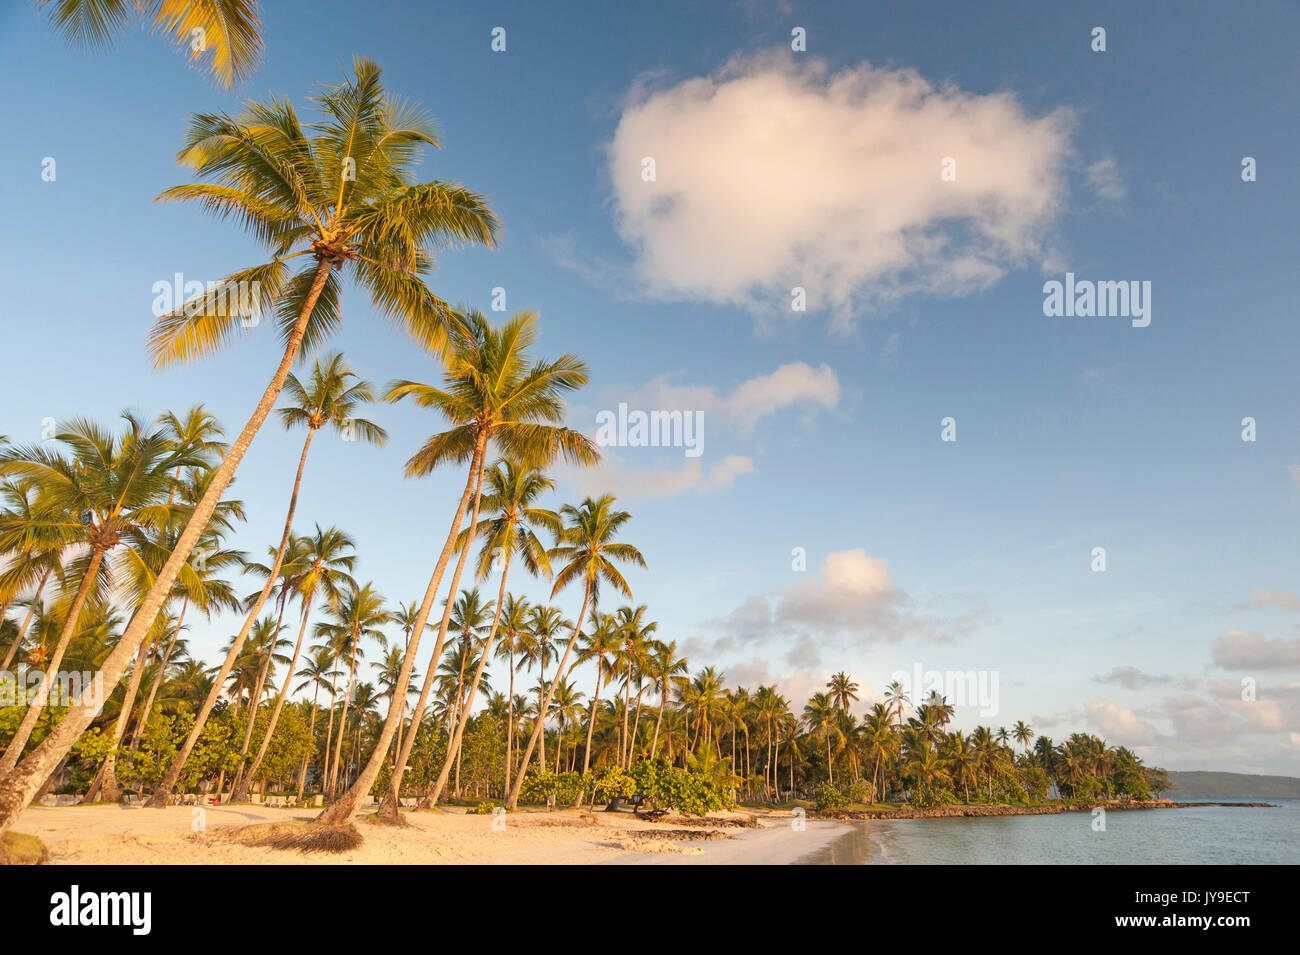 Playa de ensueño con cocoteros en la República Dominicana Imagen De Stock